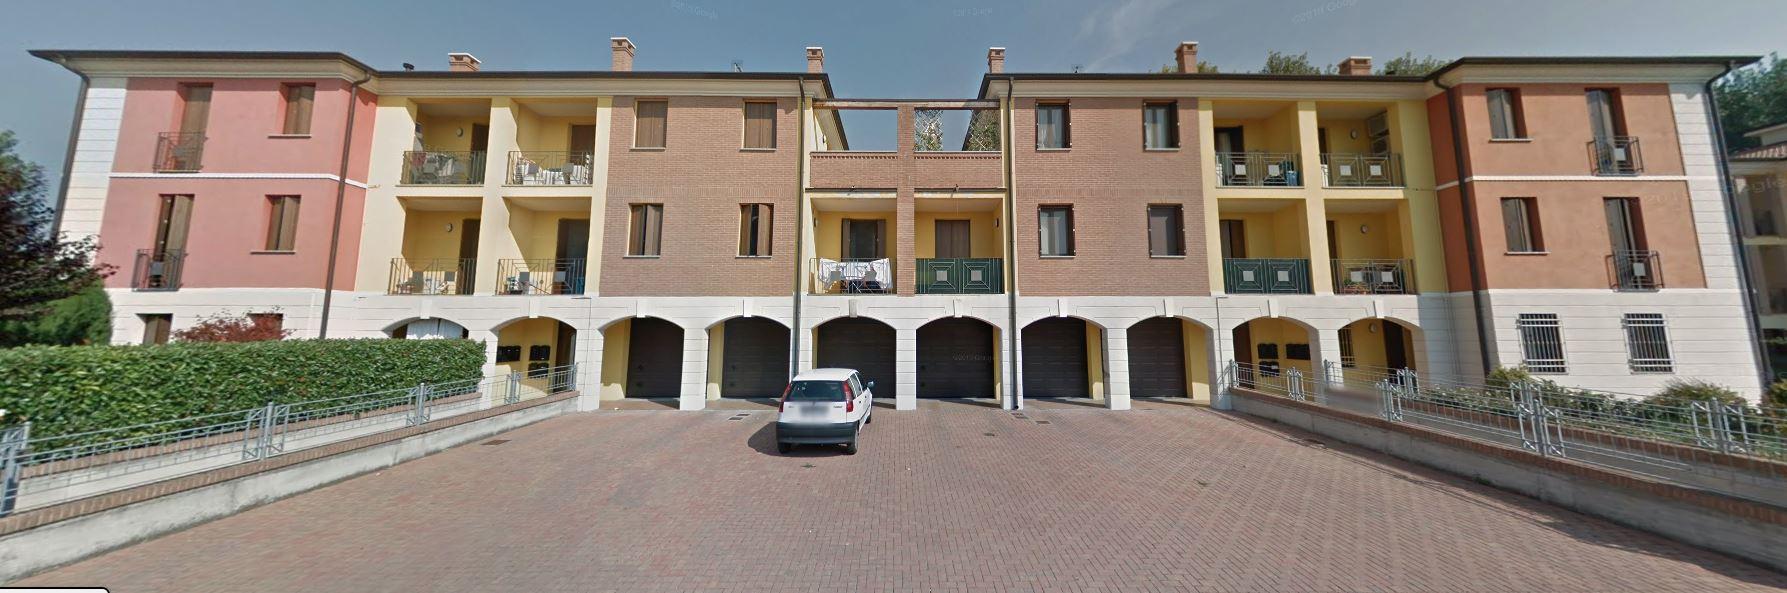 Istituto Di Credito, Cambio e Assicurazioni all'asta a Mantova - foto 0